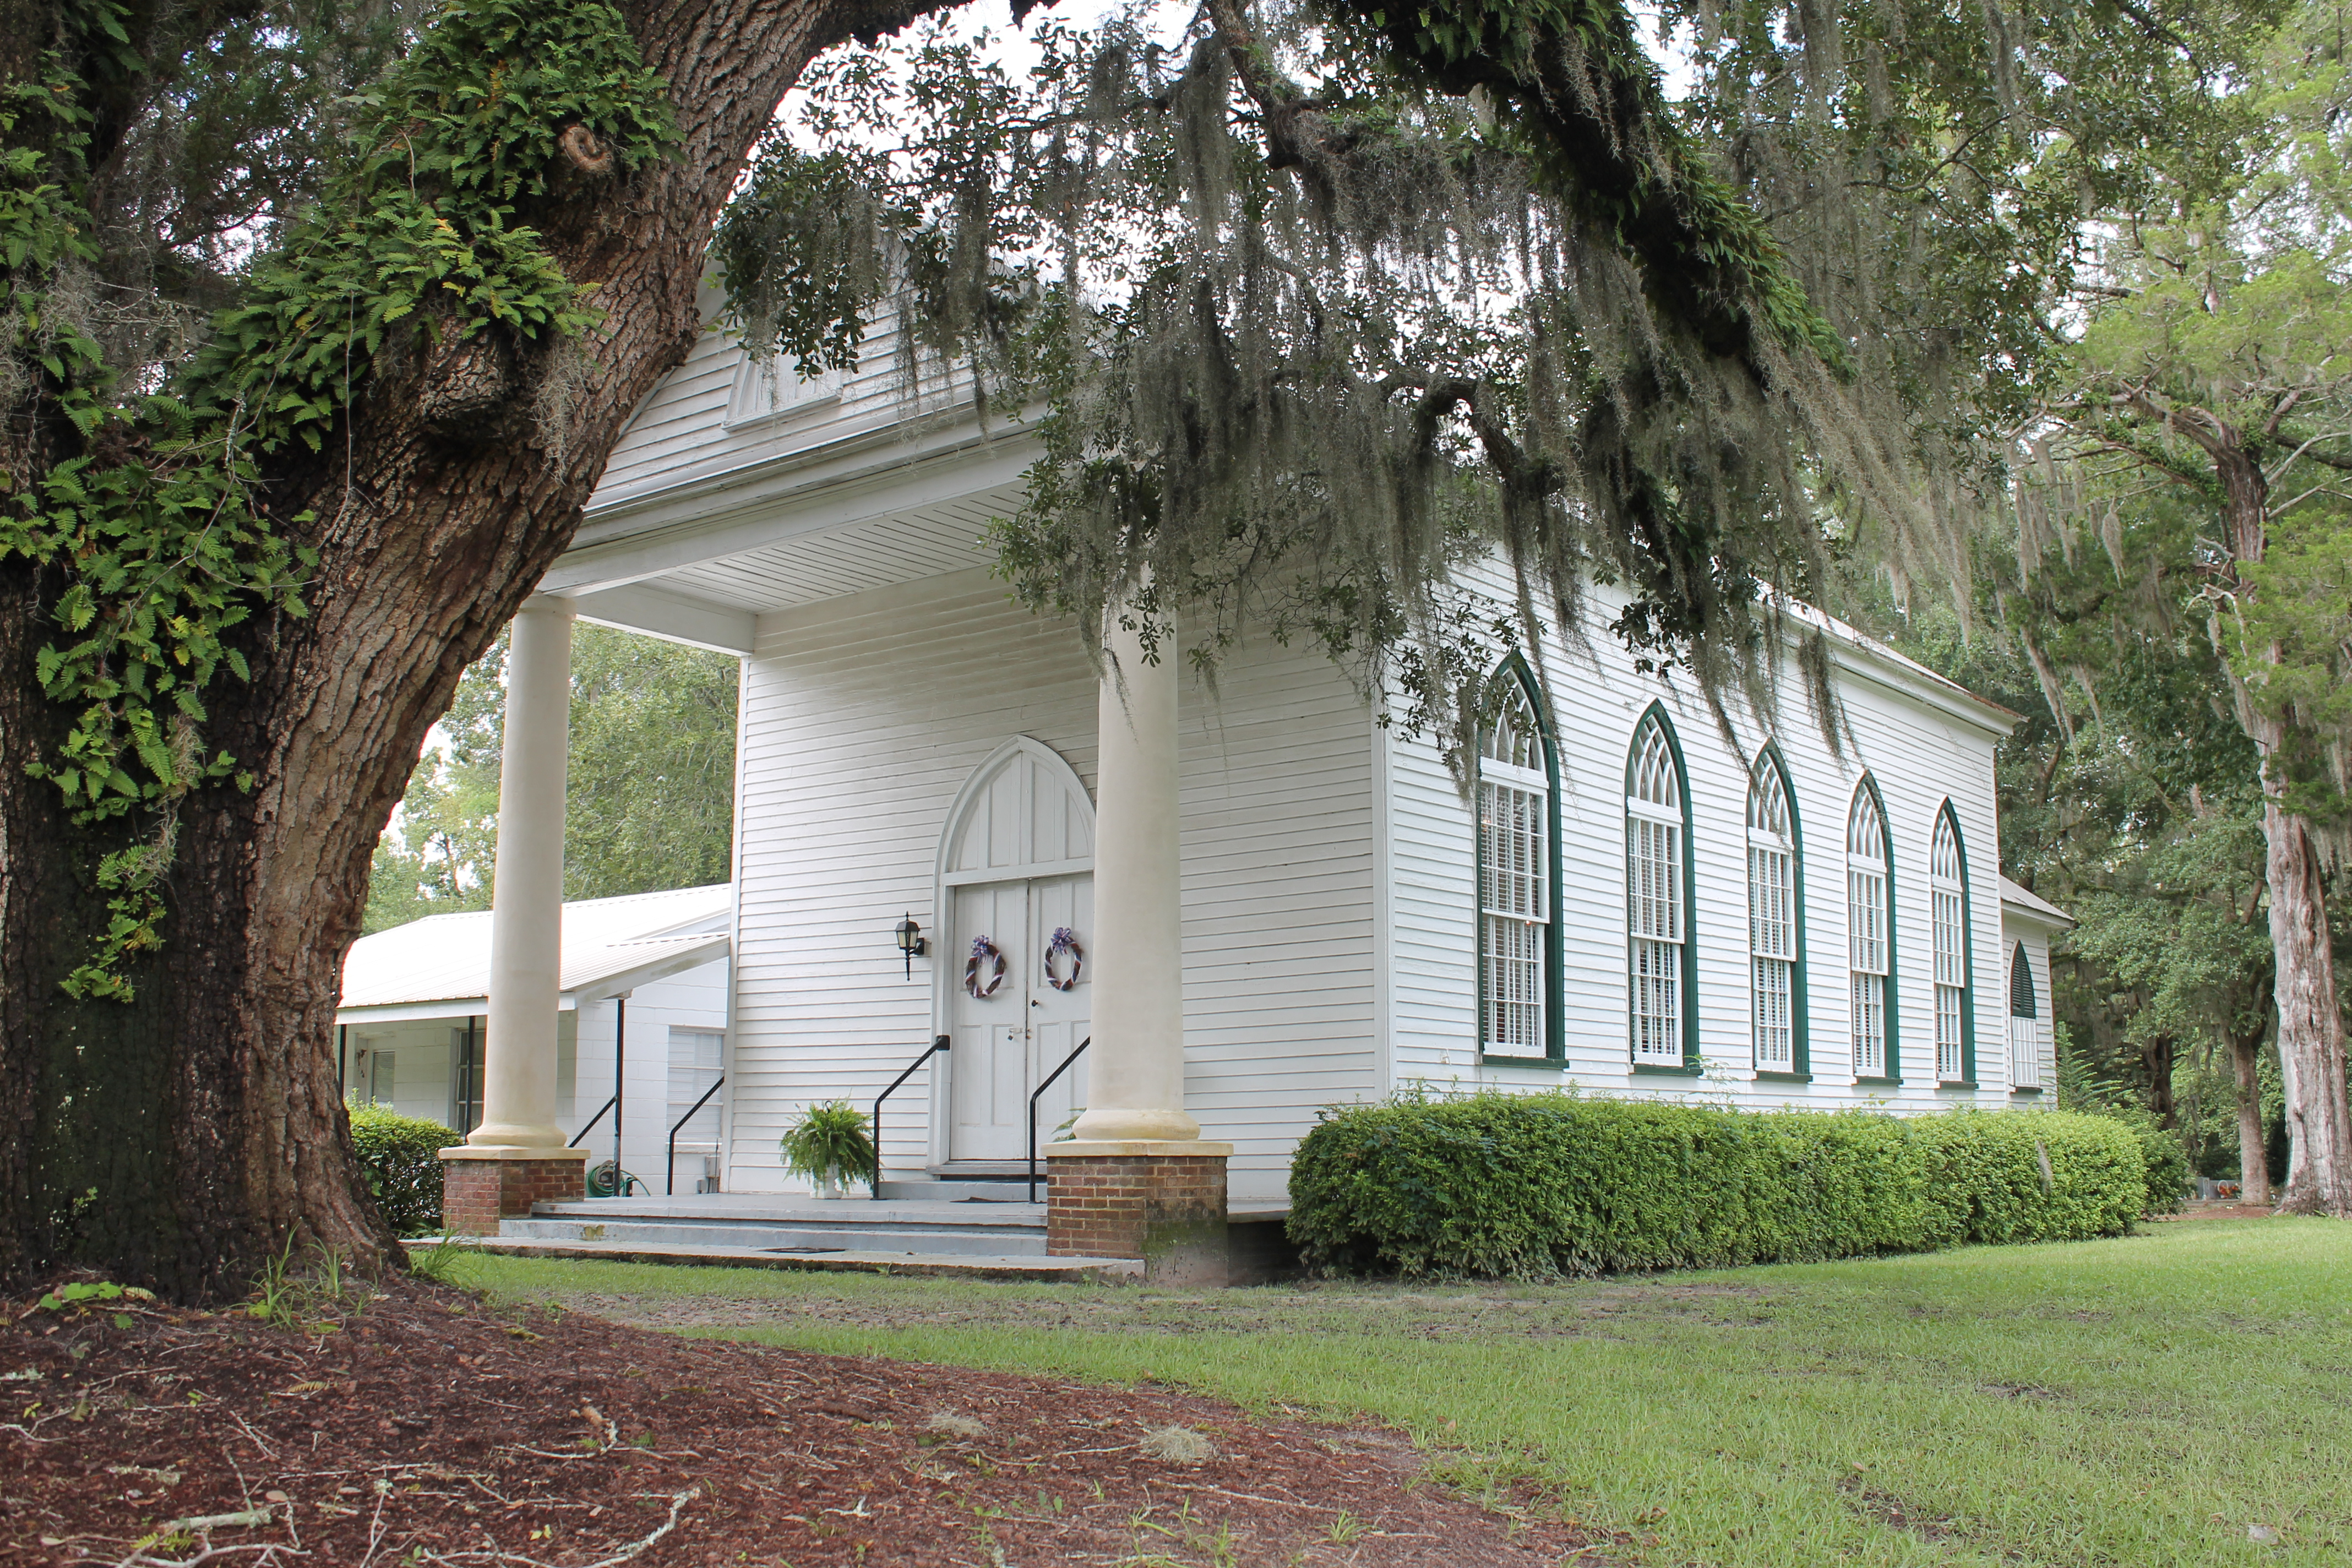 Robertville Baptist Church exterior